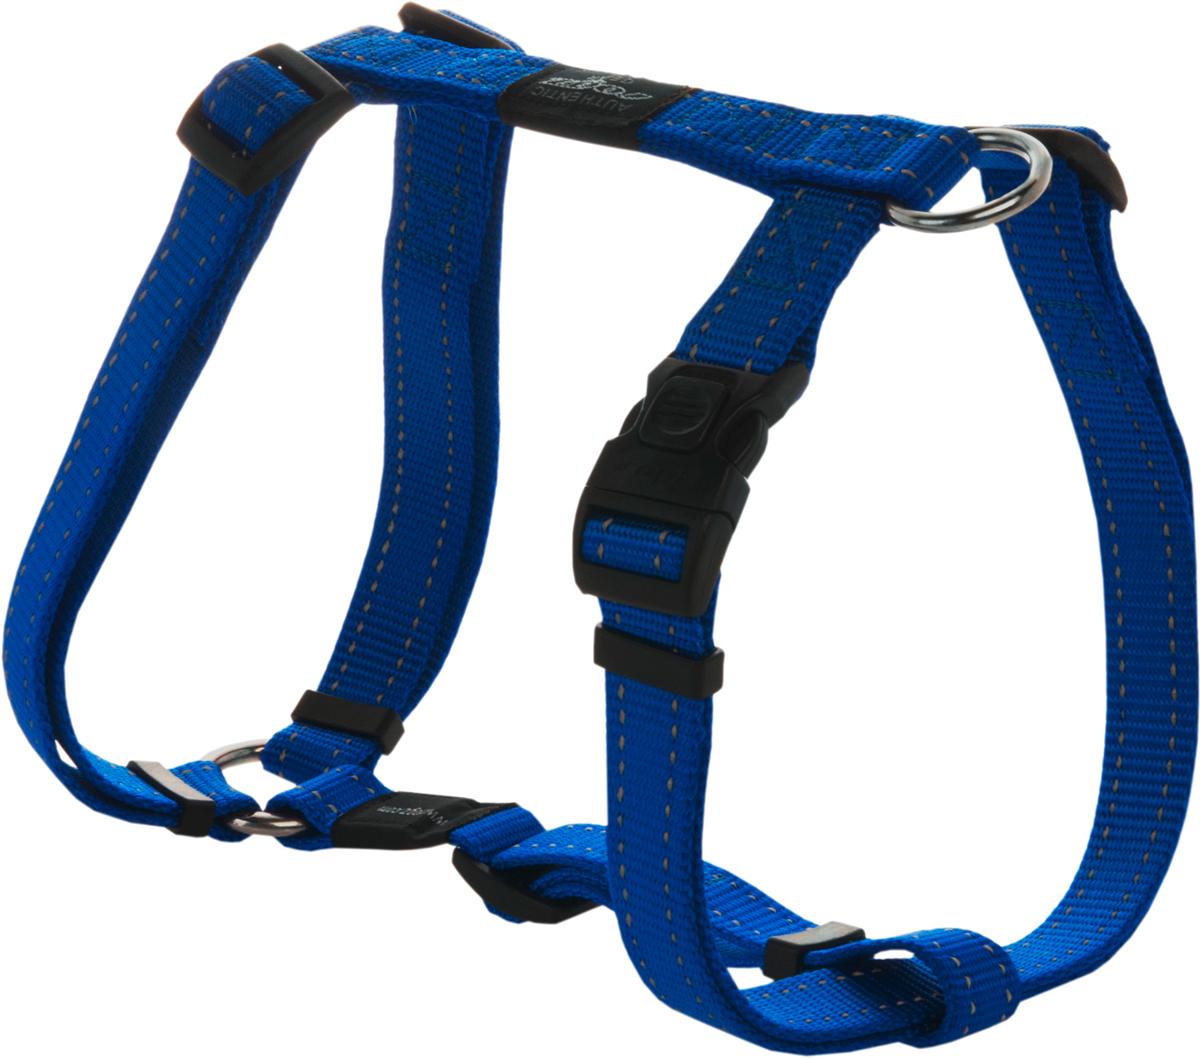 Шлейка для собак Rogz Utility, цвет: синий, ширина 2,5 см. Размер XLSJ05BШлейка для собак Rogz Utility со светоотражающей нитью, вплетенной в нейлоновую ленту, обеспечивает лучшую видимость собаки в темное время суток. Специальная конструкция пряжки Rog Loc - очень крепкая (система Fort Knox). Замок может быть расстегнут только рукой человека. Технология распределения нагрузки позволяет снизить нагрузку на пряжки, изготовленные из титанового пластика, с помощью правильного и разумного расположения грузовых колец, благодаря чему, даже при самых сильных рывках, изделие не рвется и не деформируется.Выполненные специально по заказу ROGZ литые кольца гальванически хромированы, что позволяет избежать коррозии и потускнения изделия.